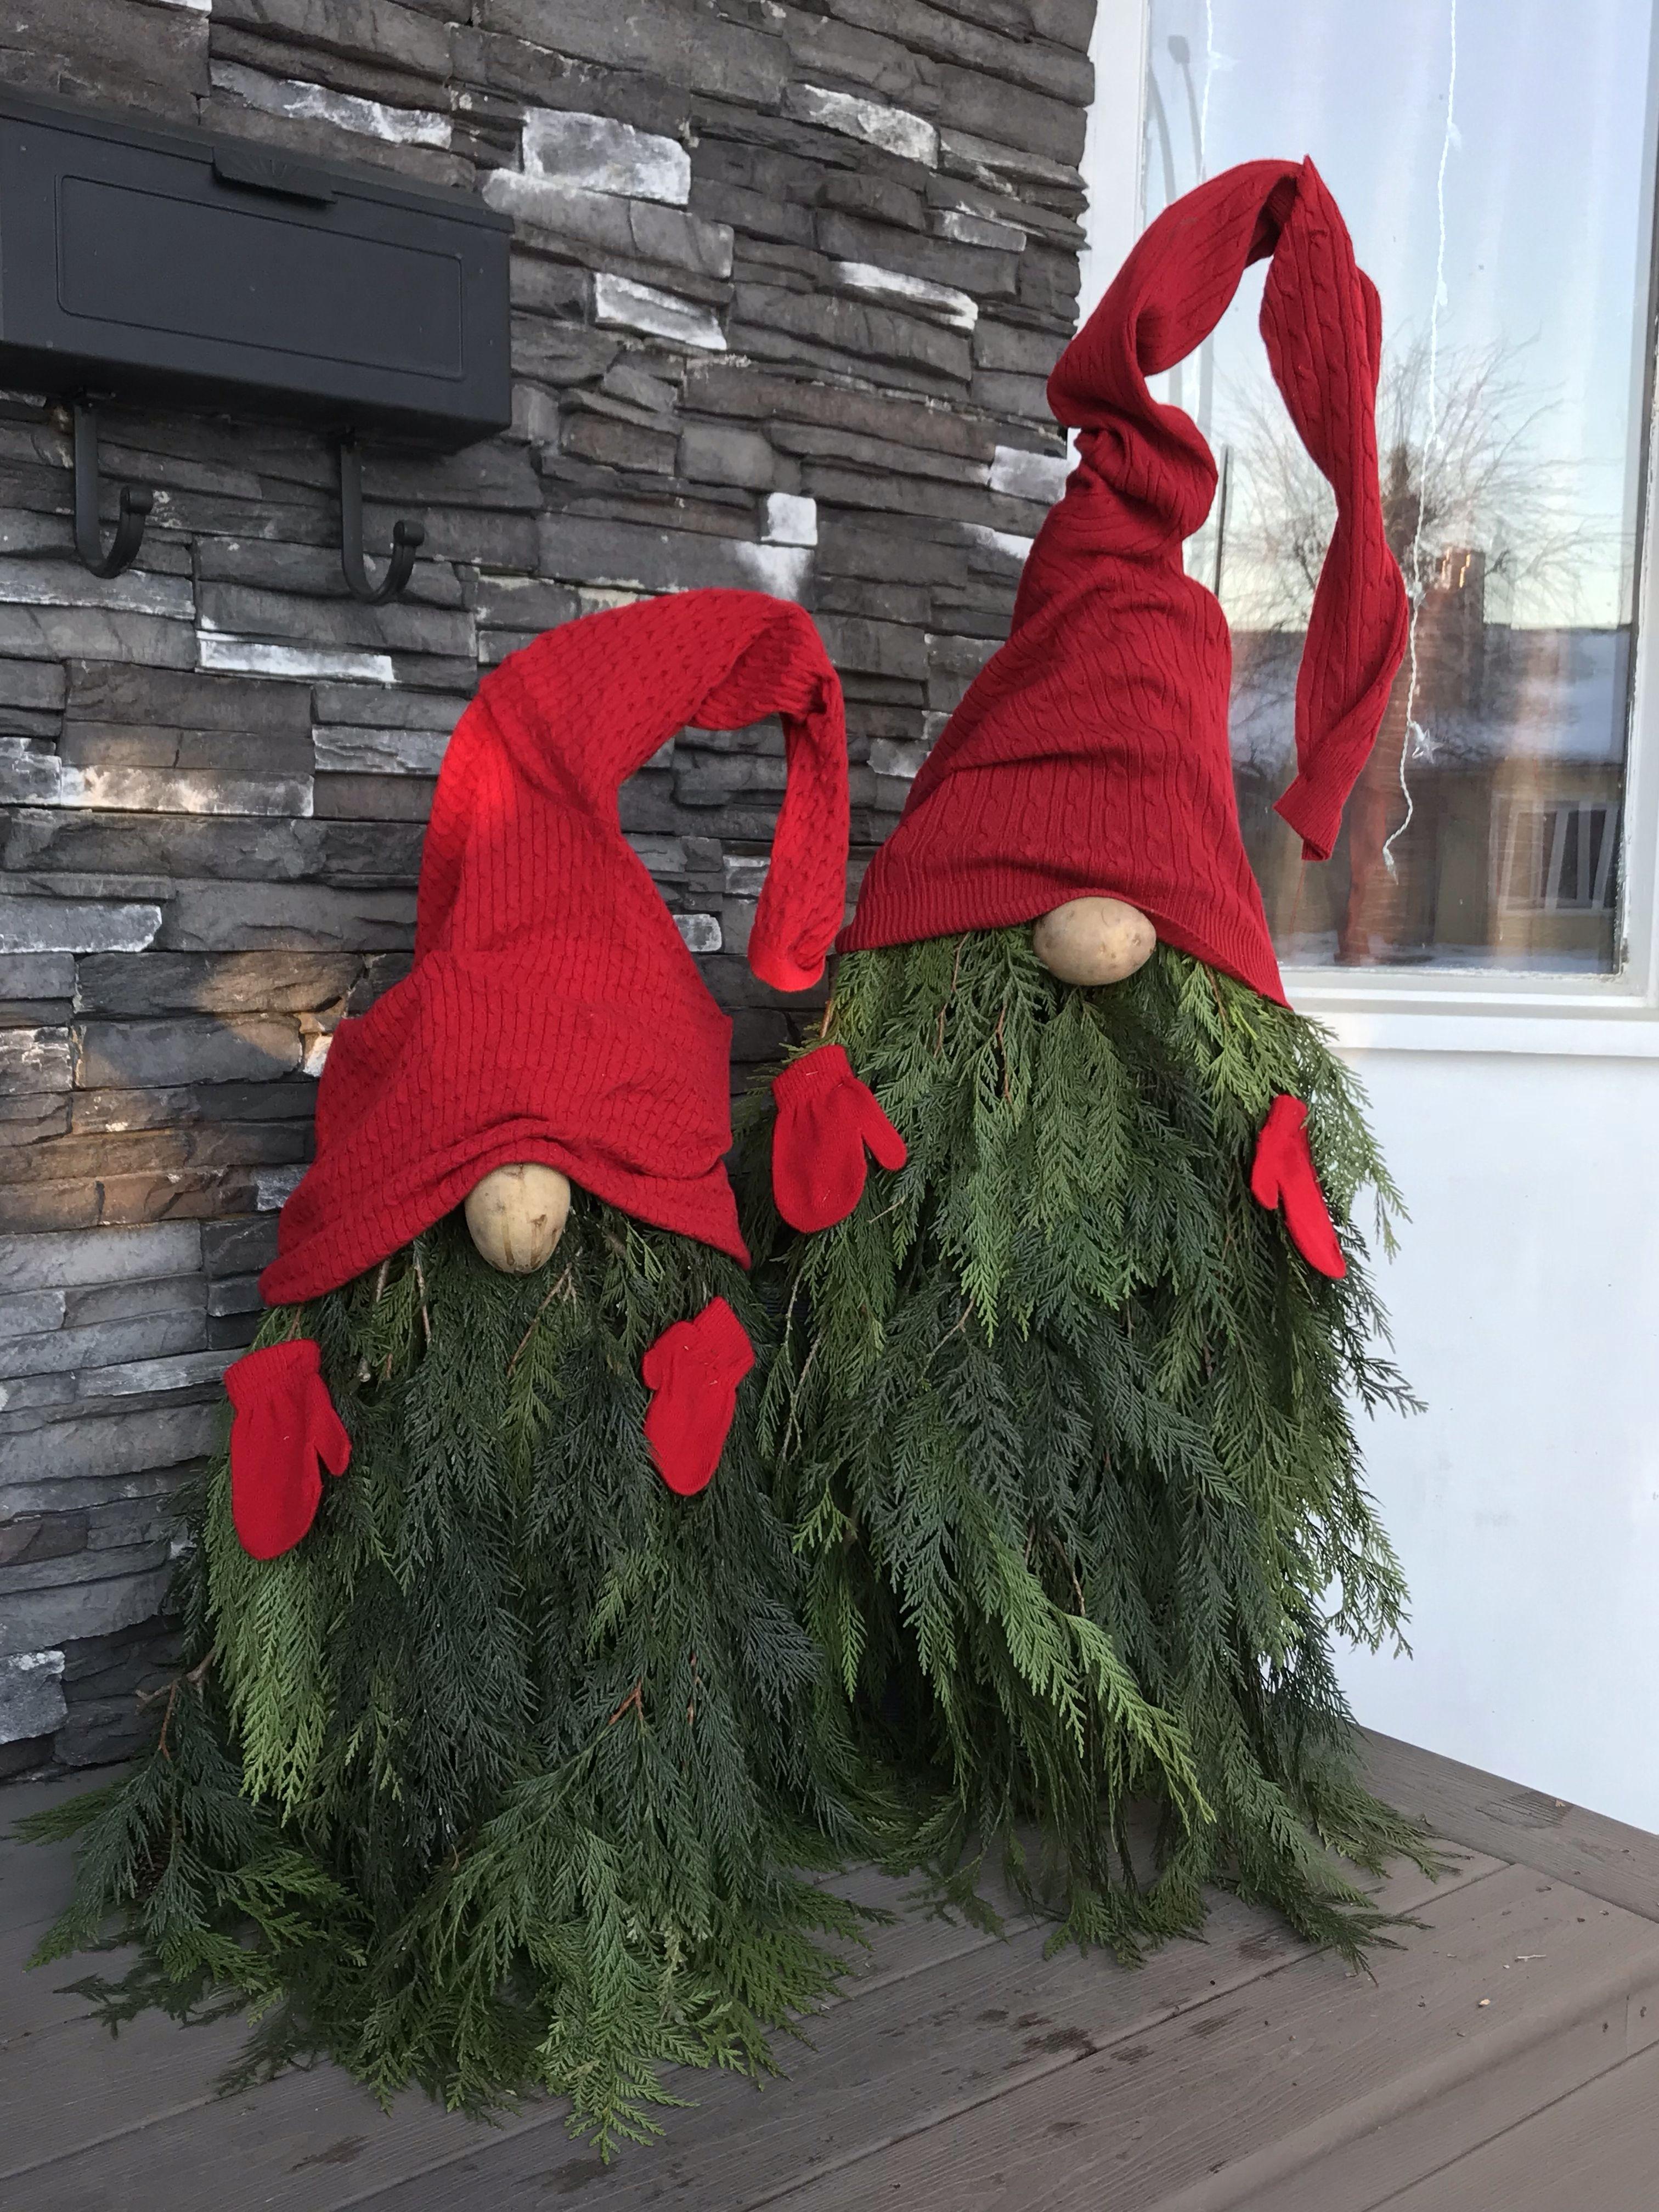 Christmas Gnome Porch Christmas Decorations Diy Outdoor Diy Christmas Decorations Easy Outdoor Christmas Diy